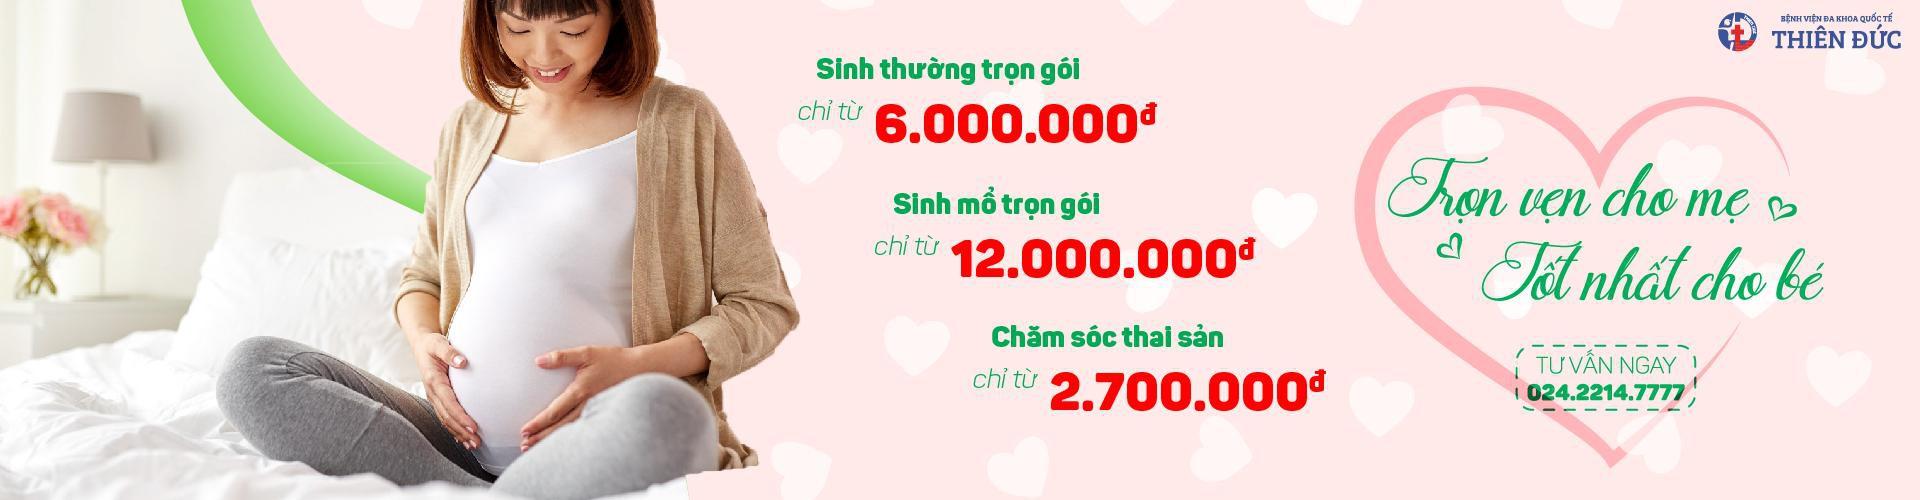 11 thaisan